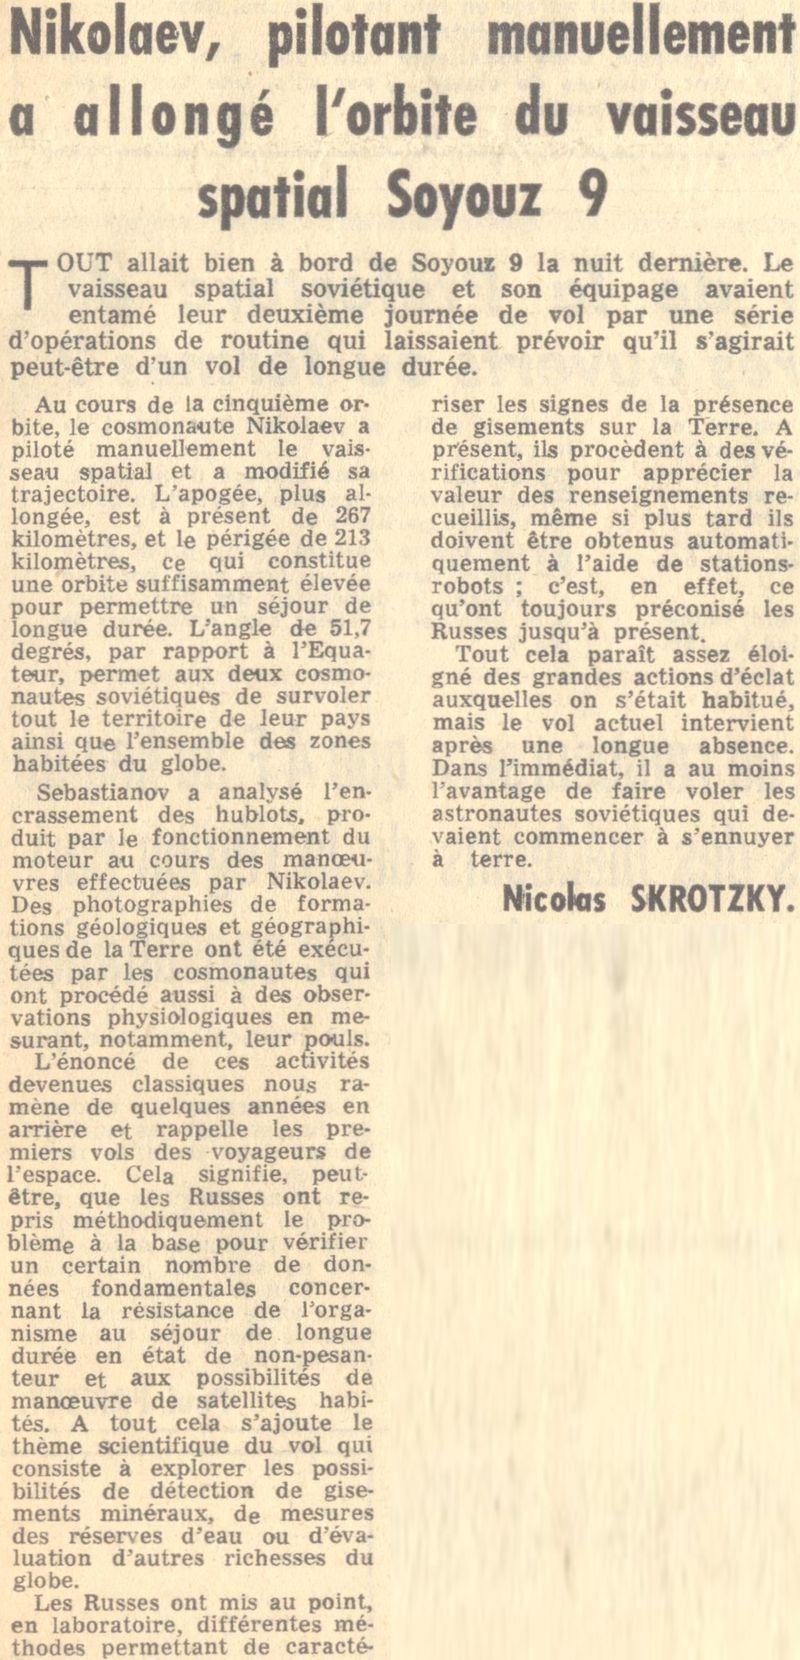 1er juin 1970 - Soyouz 9 70060212